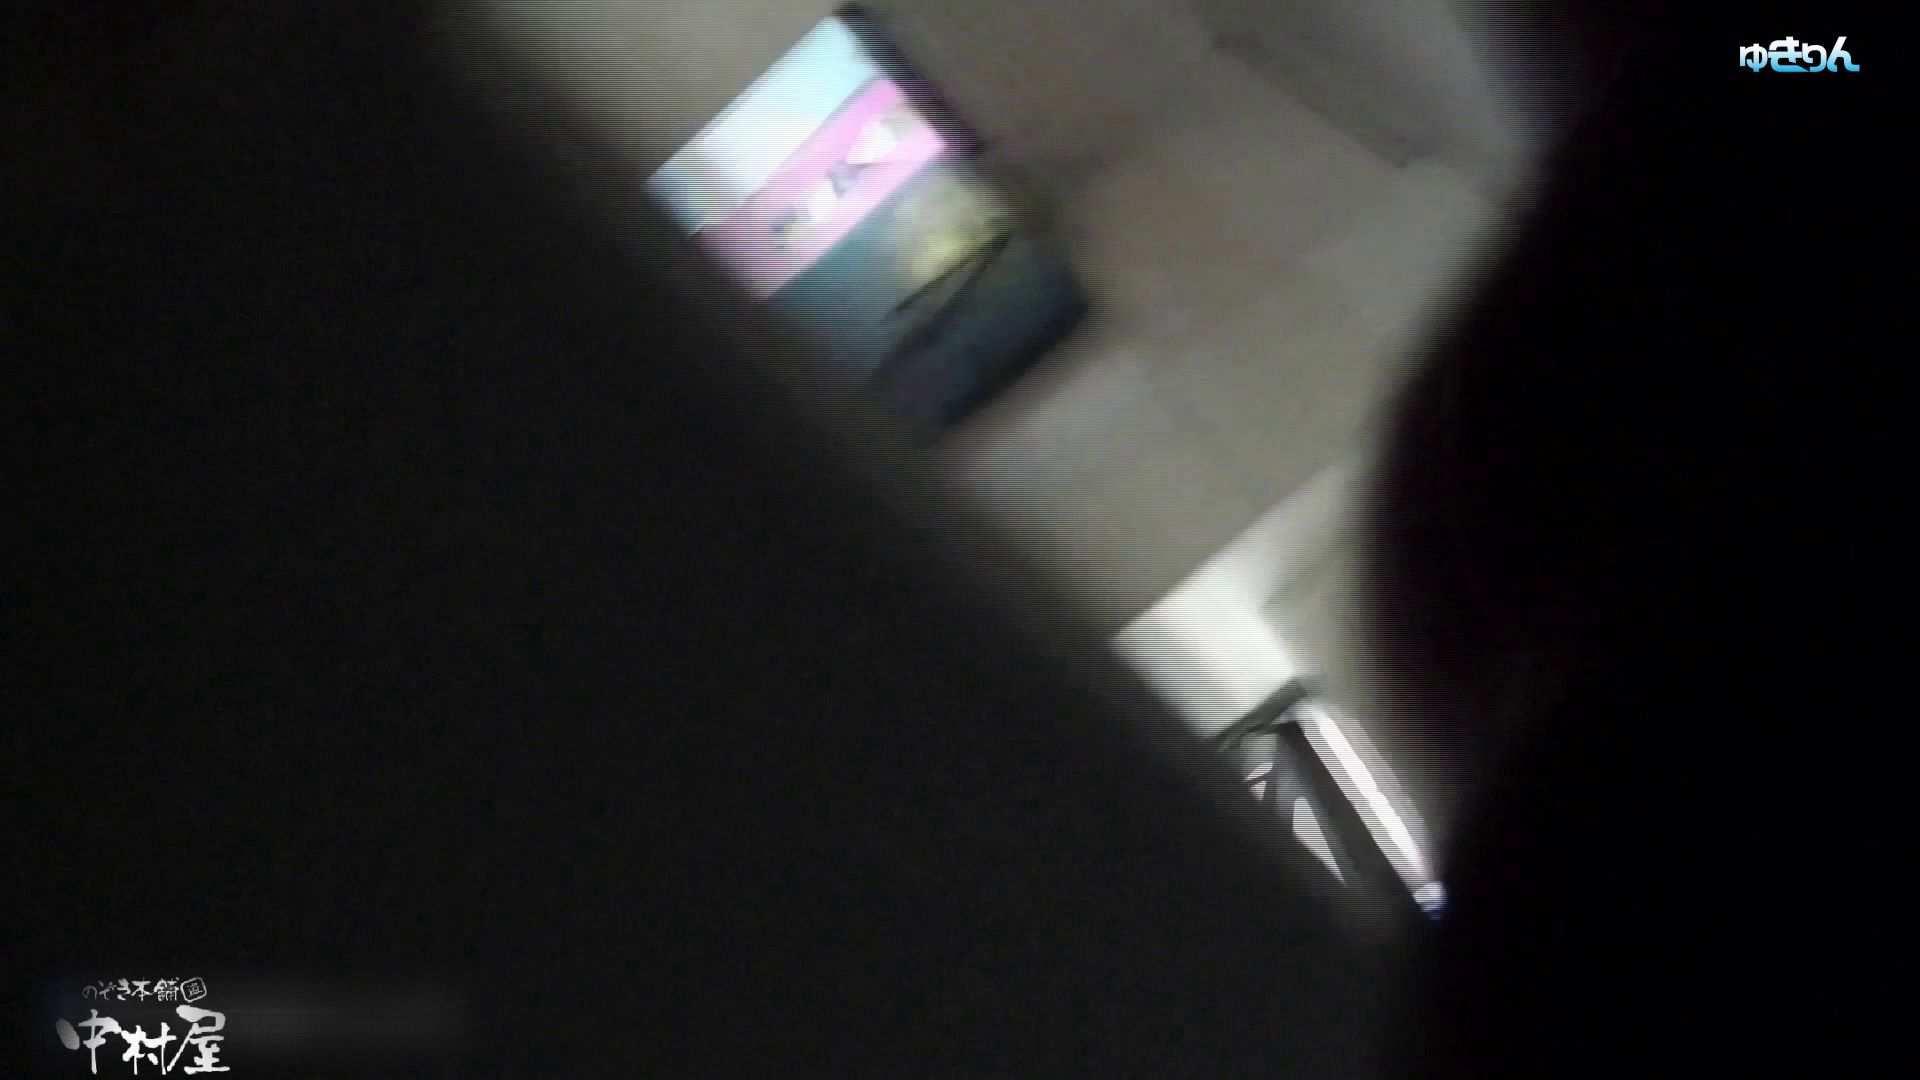 世界の射窓から~ステーション編 vol61 レベルアップ!!画質アップ、再発進 おまんこ見放題 | 盗撮シリーズ  85PIX 73